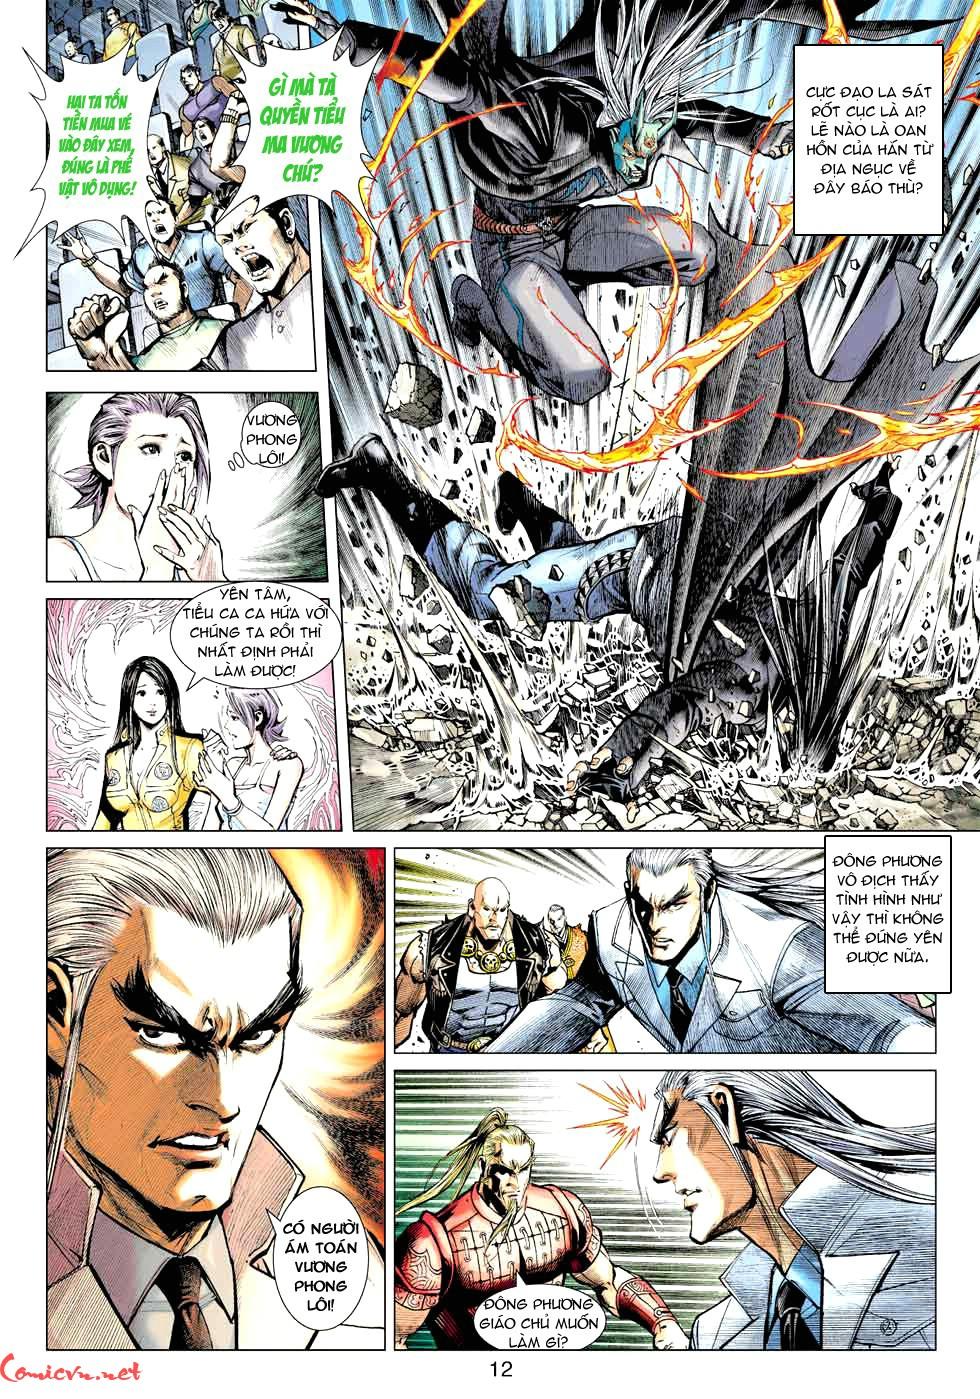 Vương Phong Lôi 1 chap 32 - Trang 11